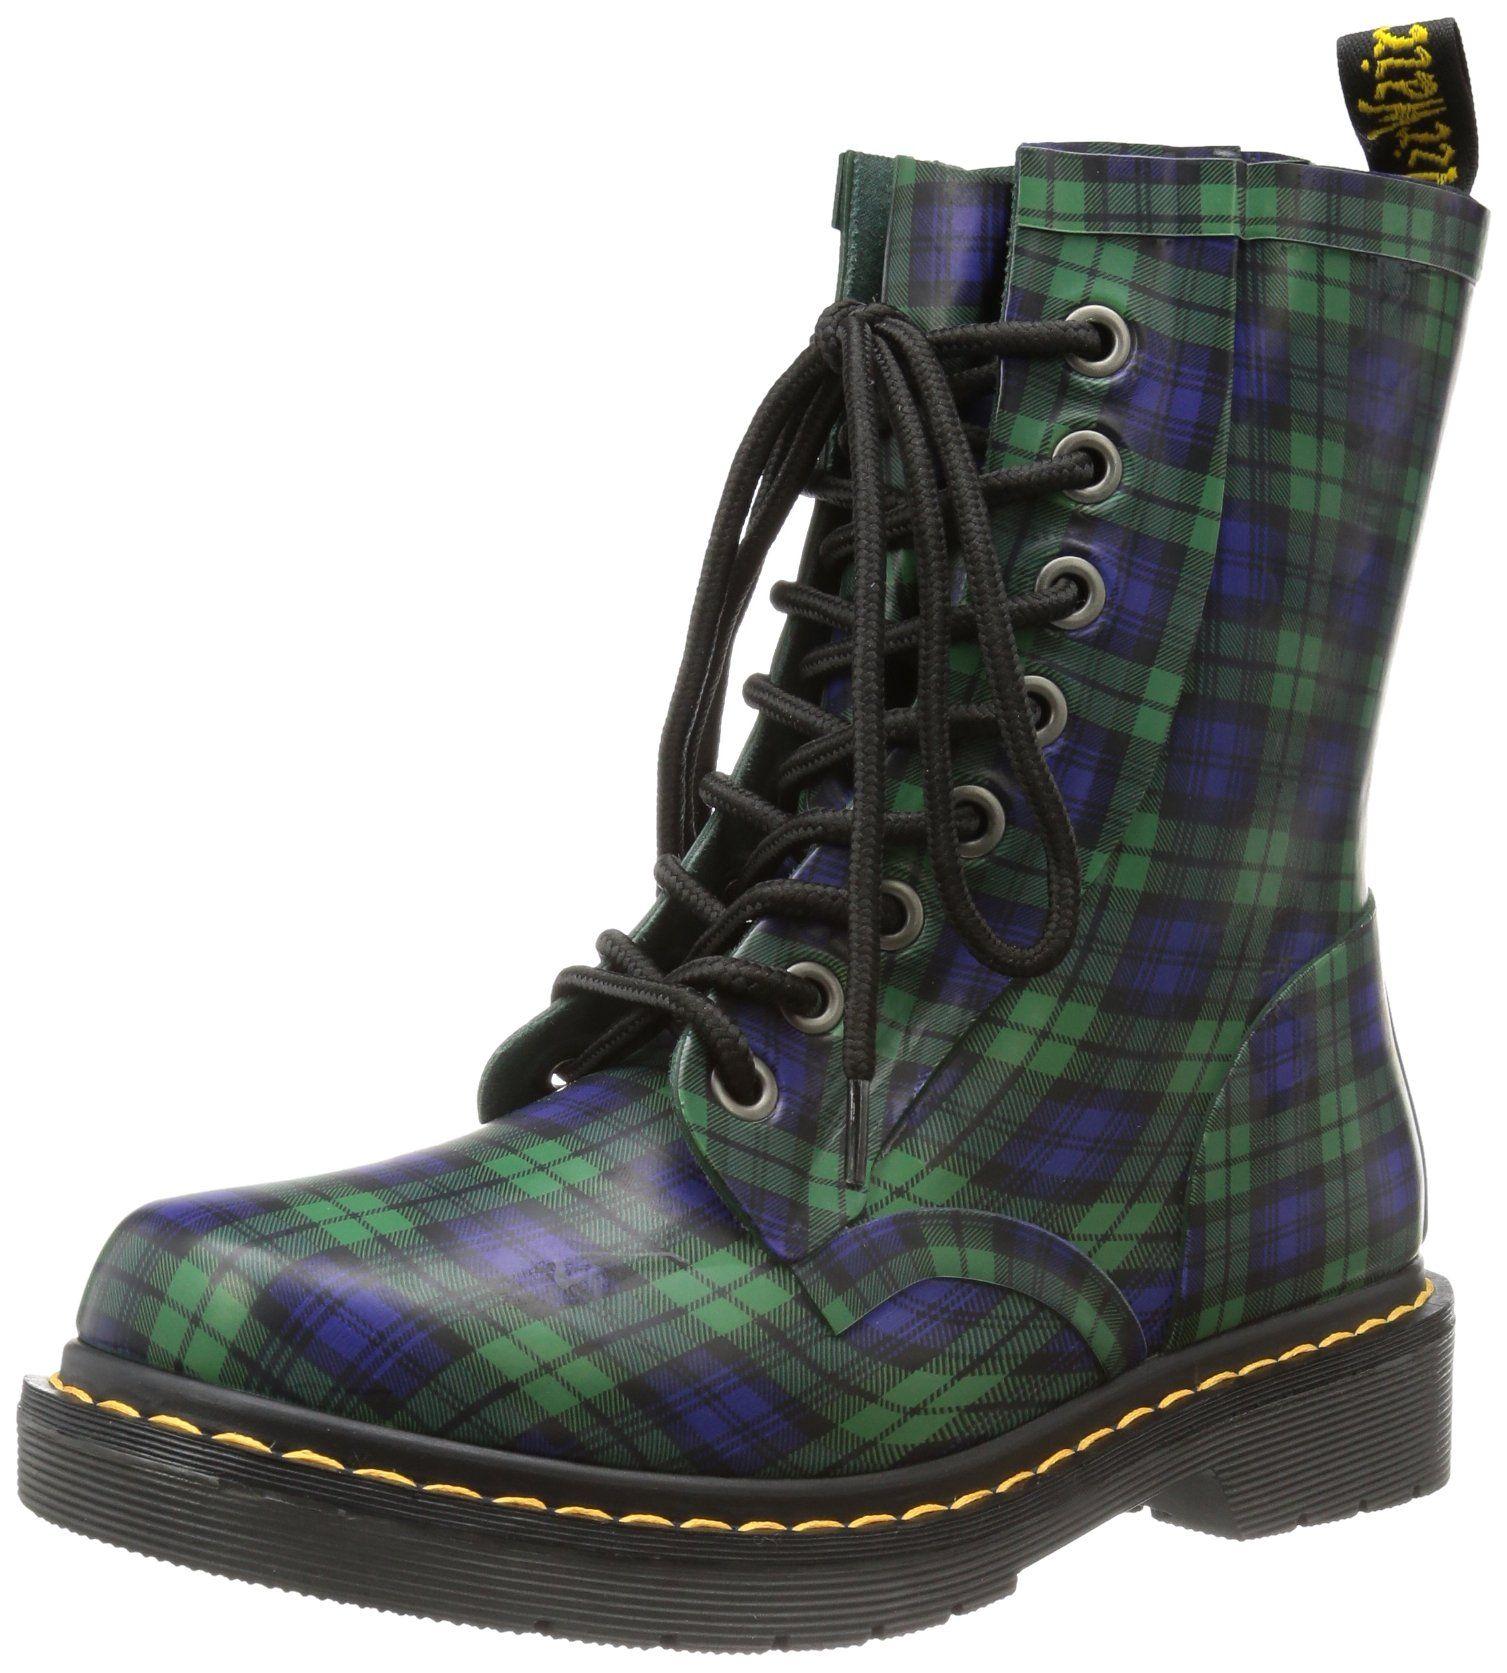 Amazon.com: Dr. Martens Women's Drench Boot: Shoes